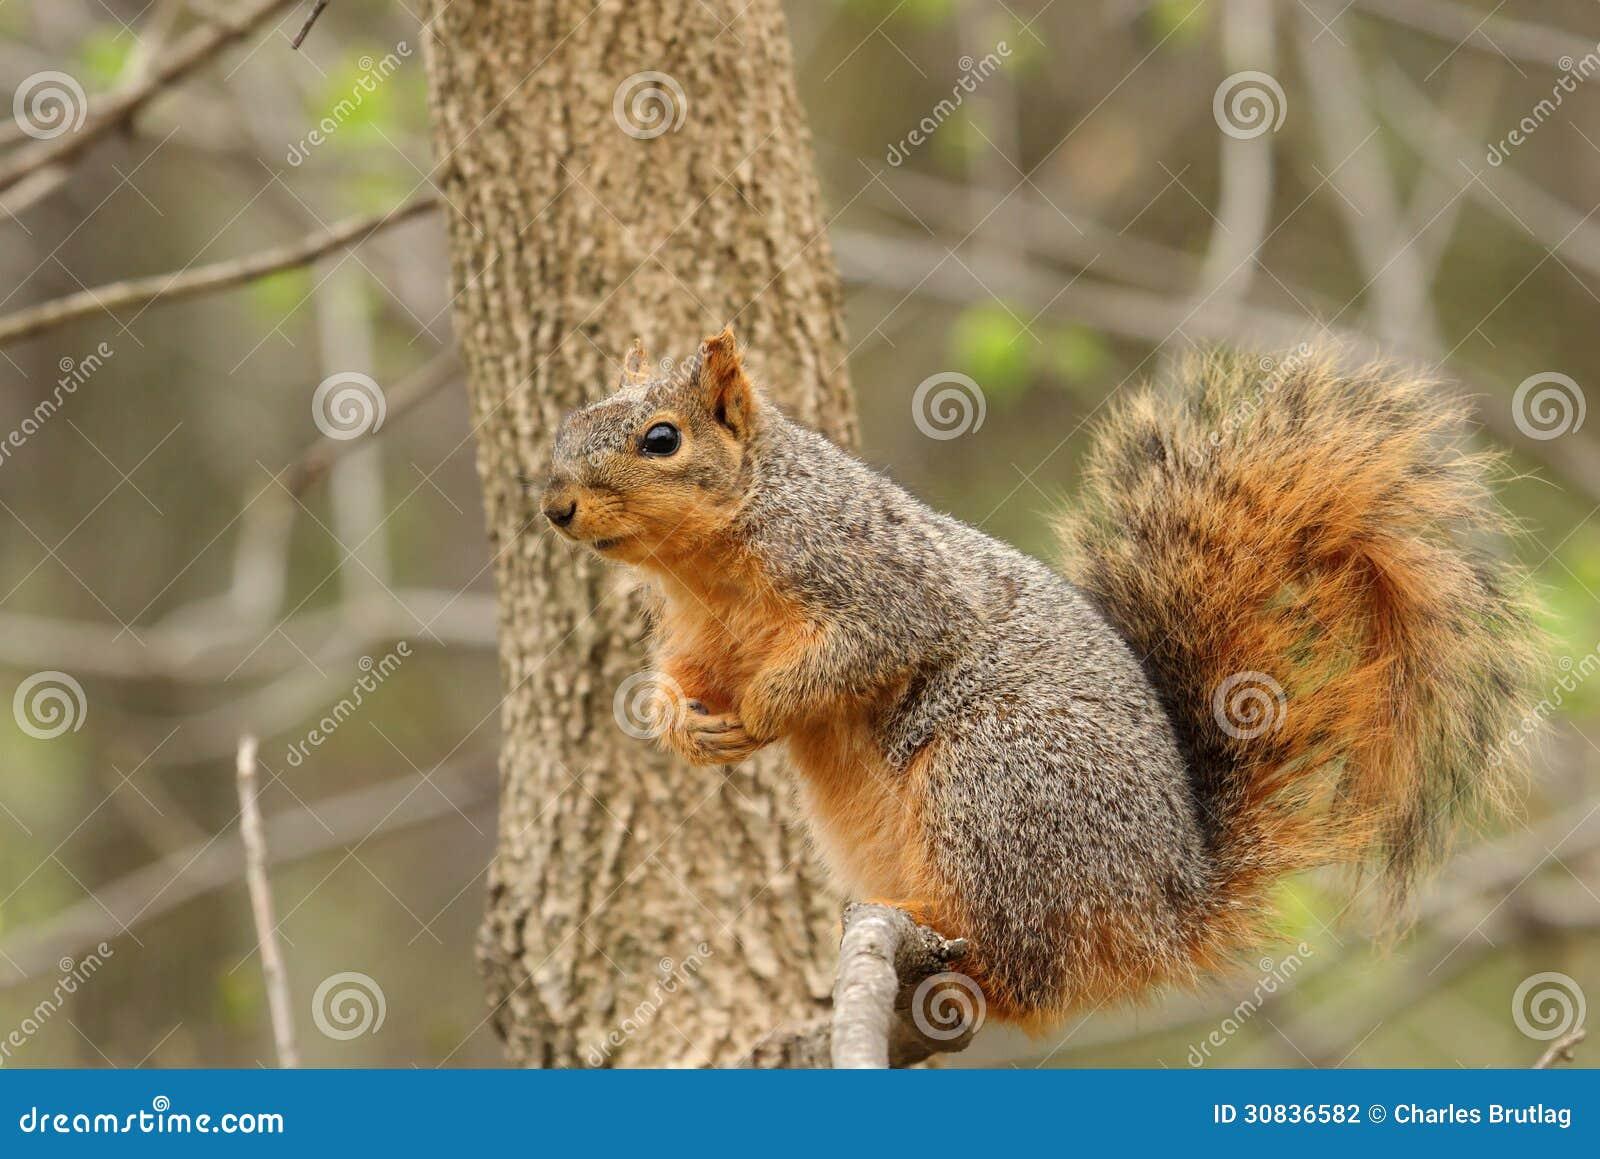 Squirrel, eastern fox